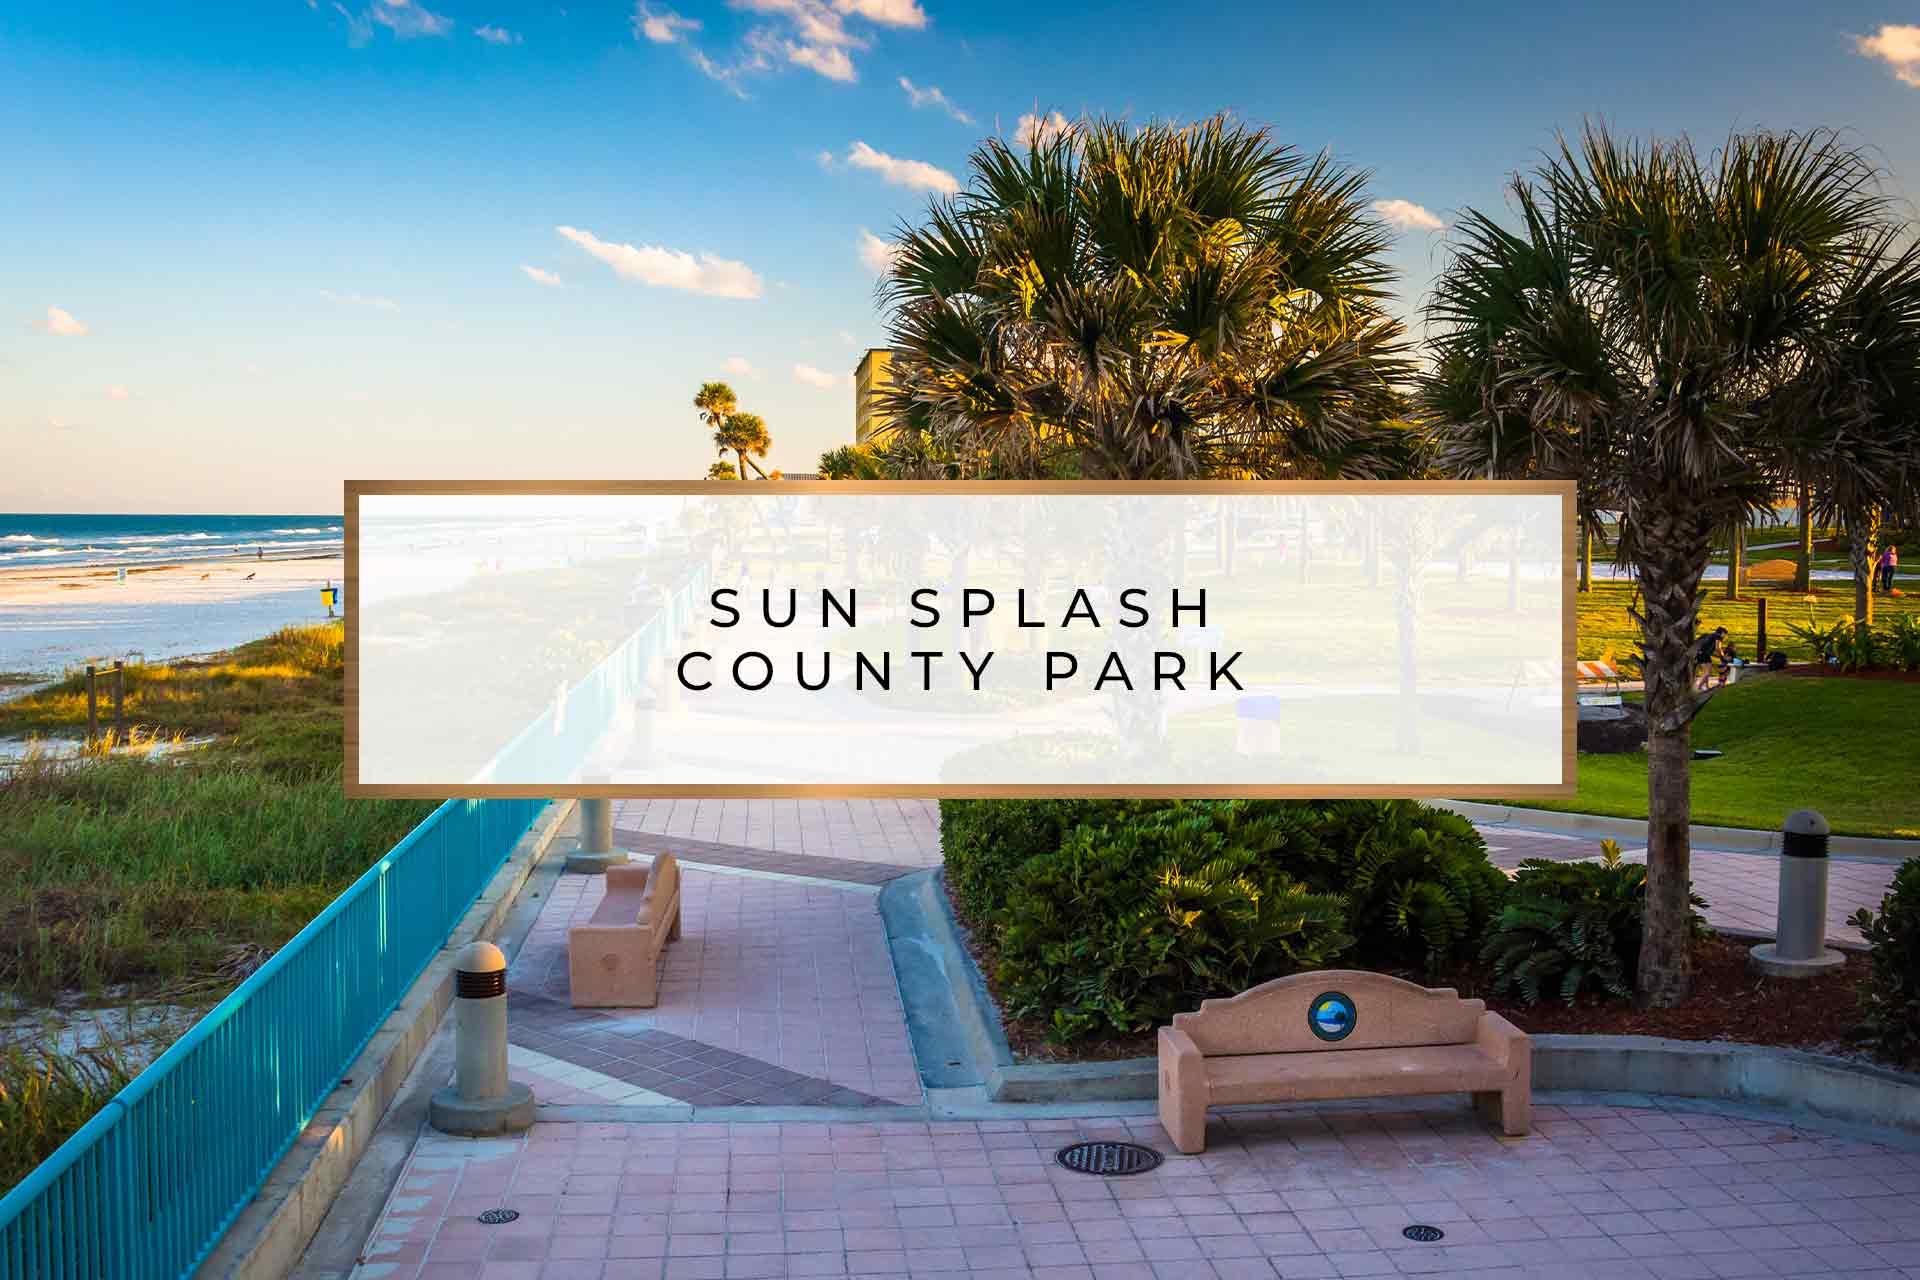 Sun Splash County Park